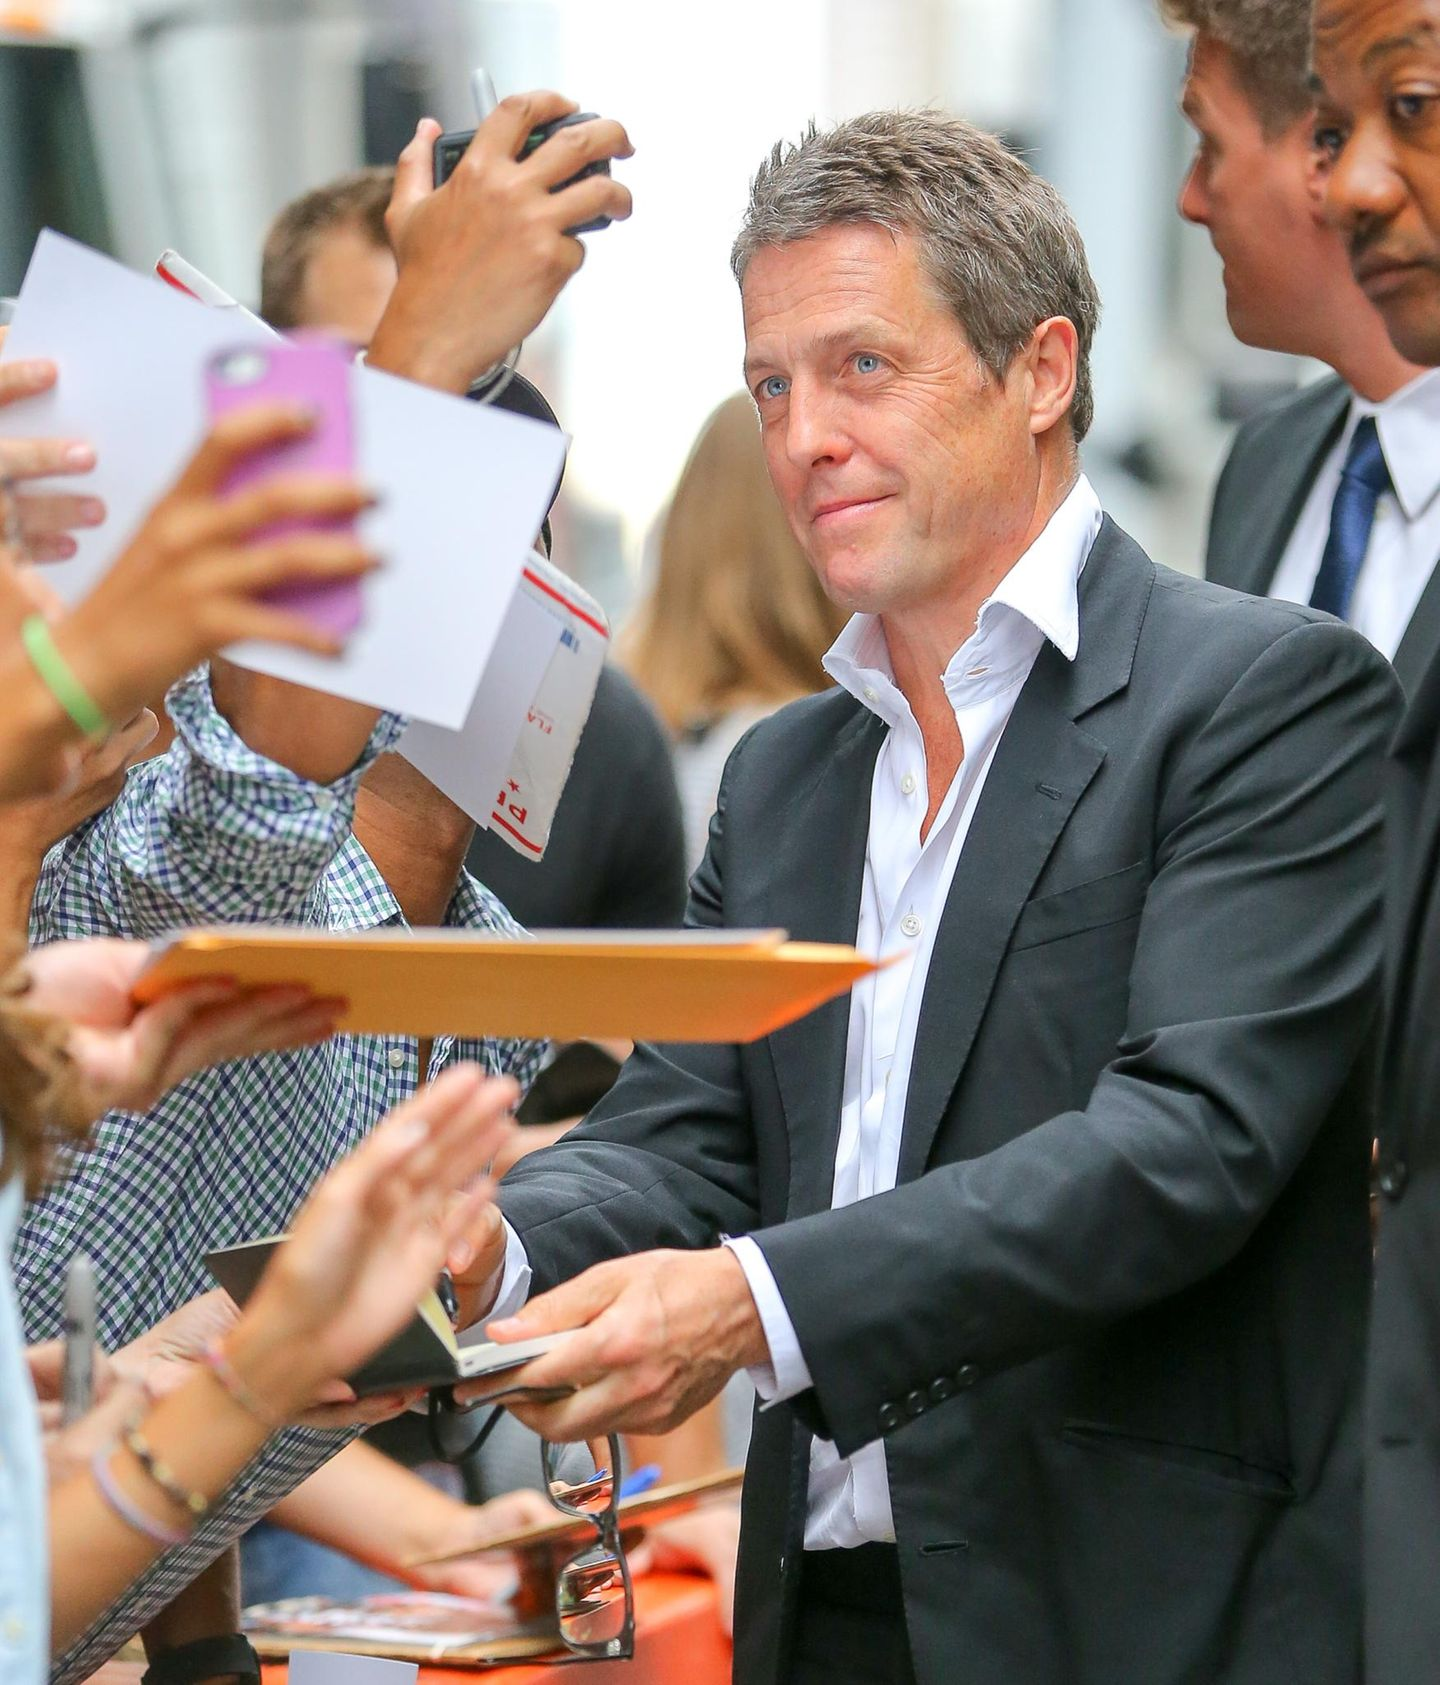 Hugh Grant schreibt vor dem Ziegfeld Theater in New York fleißig Autogramme.